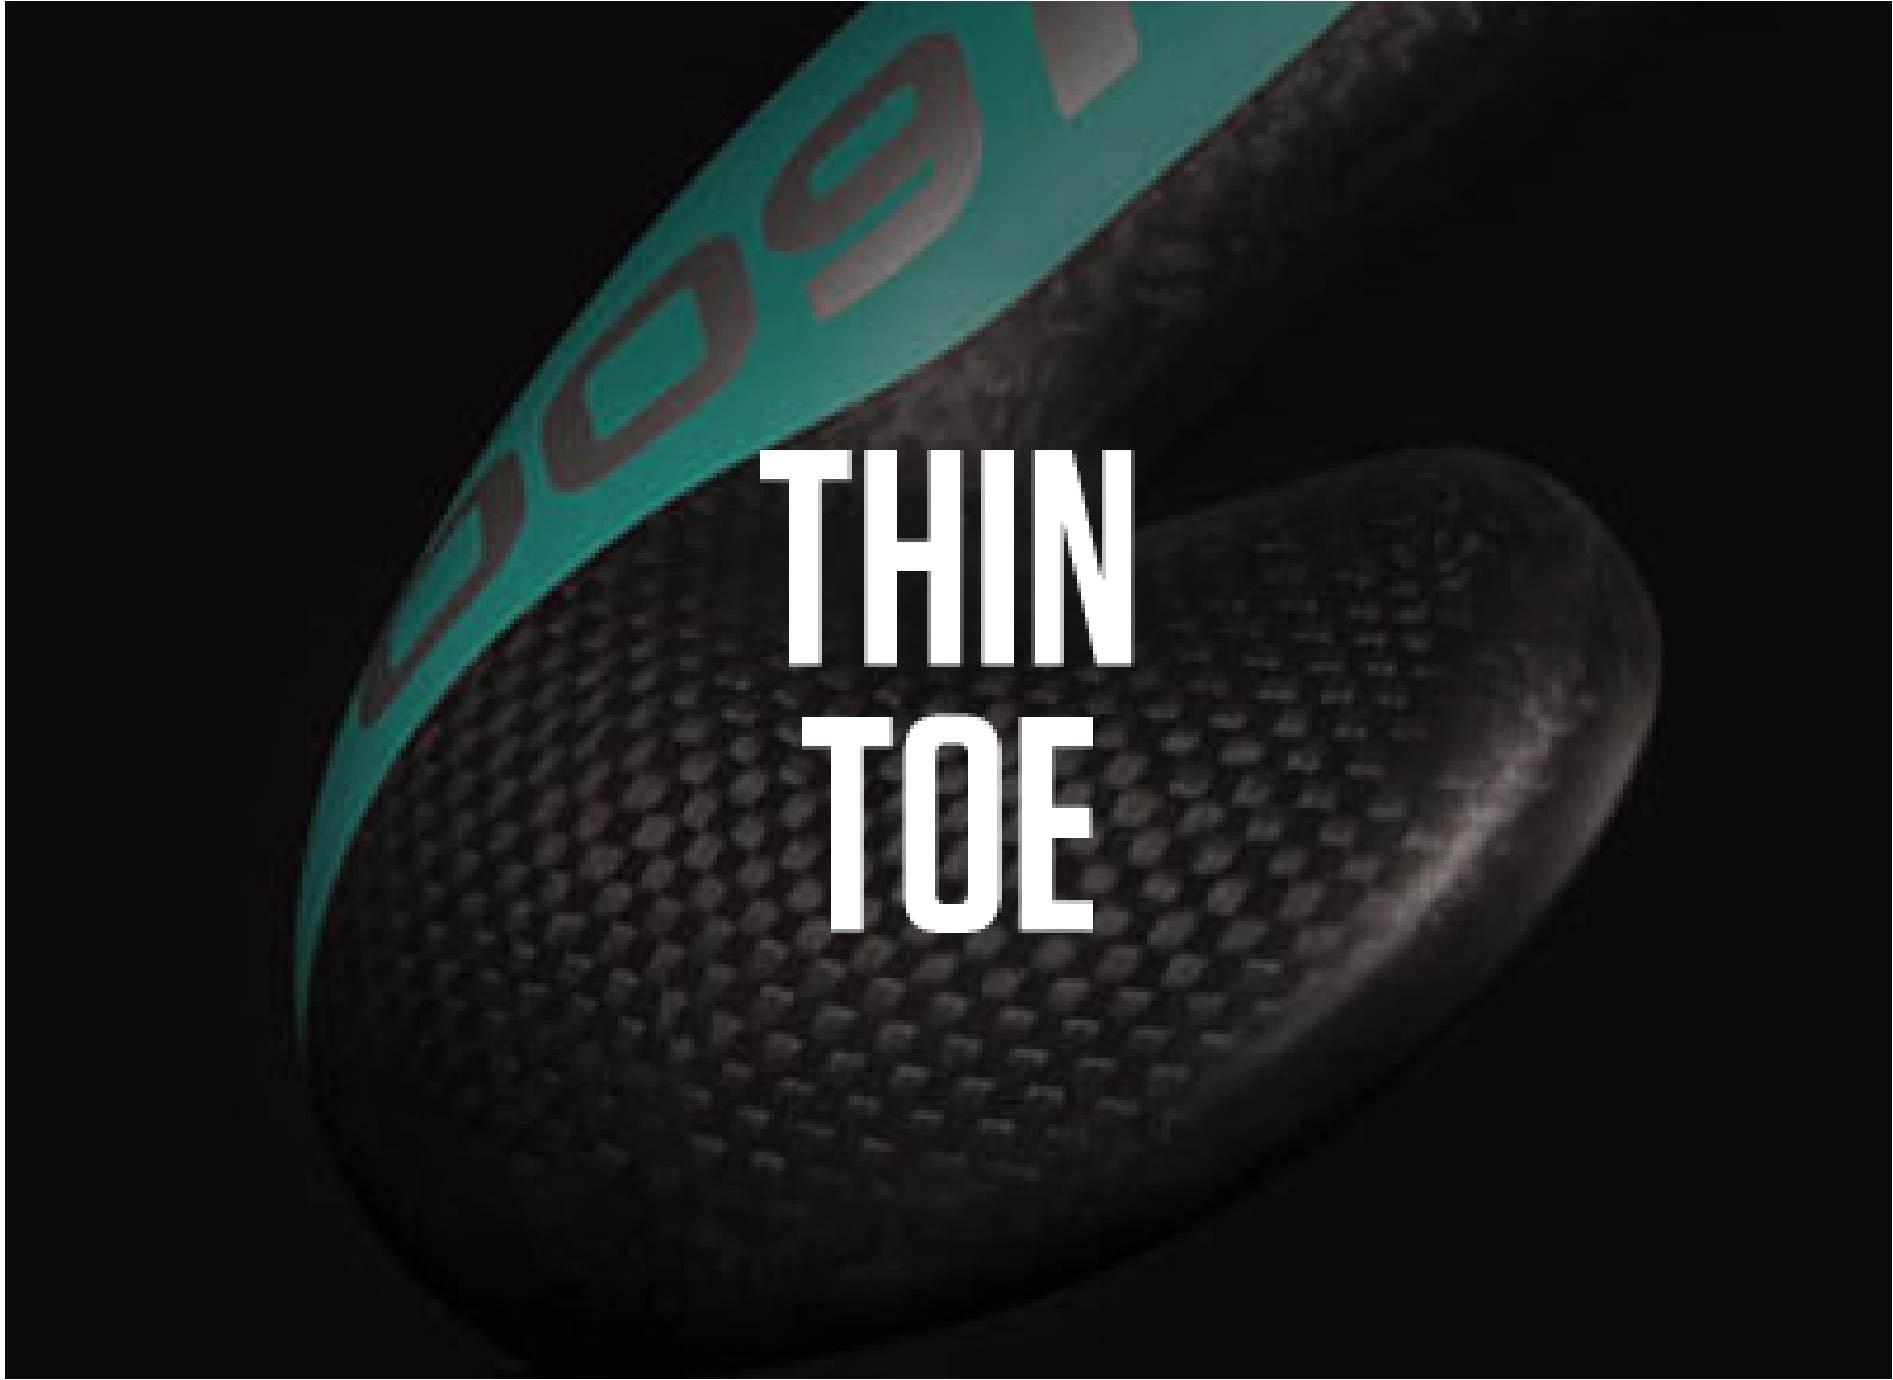 Thin Toe